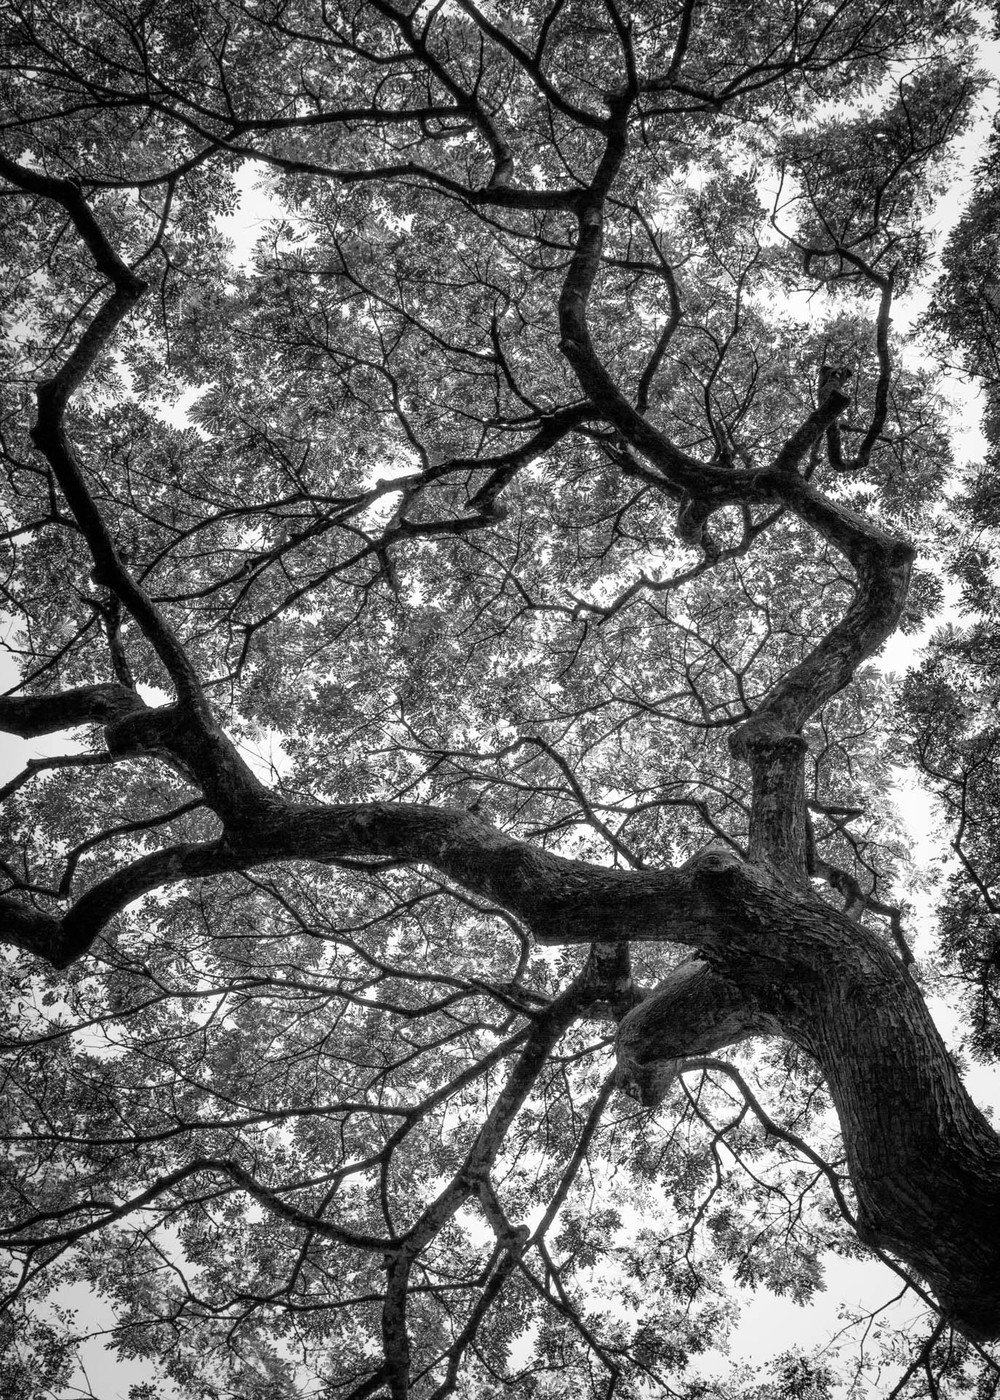 Wiamea Tree_30x42_lr.jpg